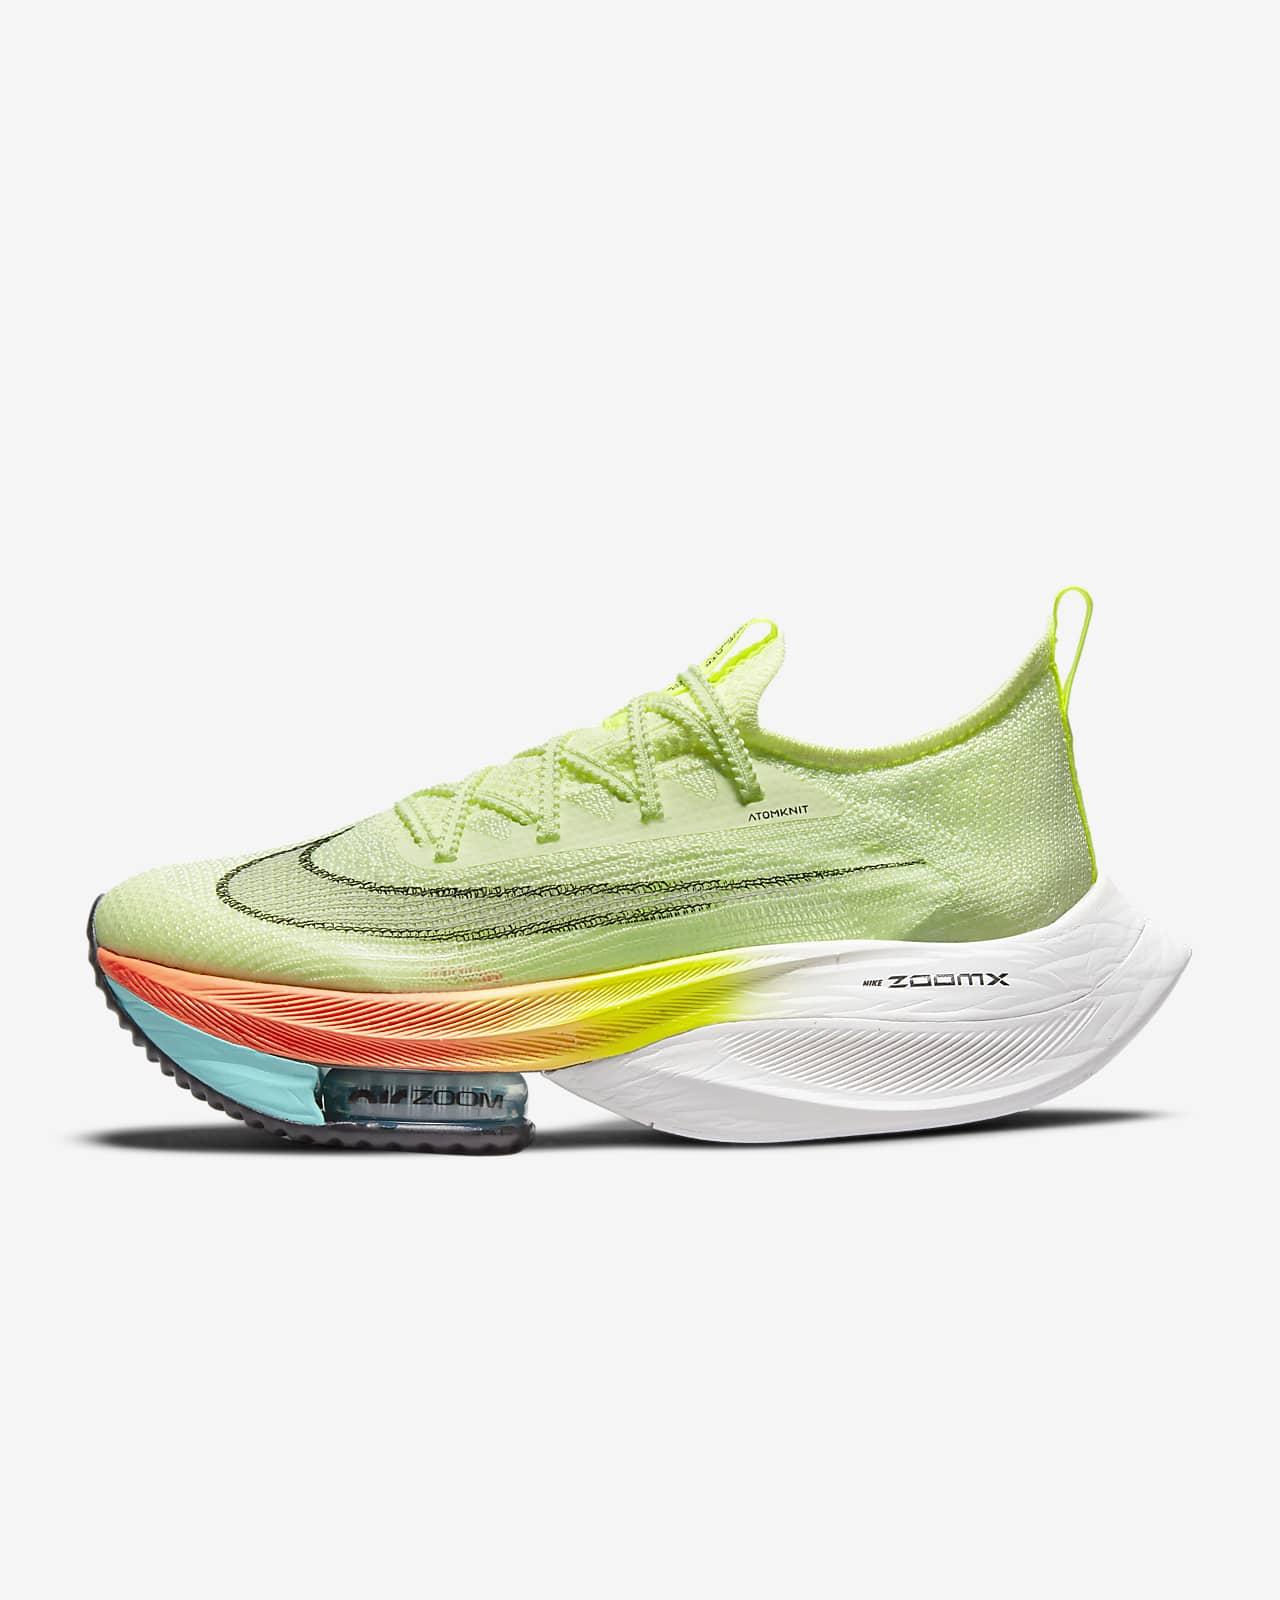 Chaussure de course Nike Air Zoom Alphafly NEXT% pour Femme